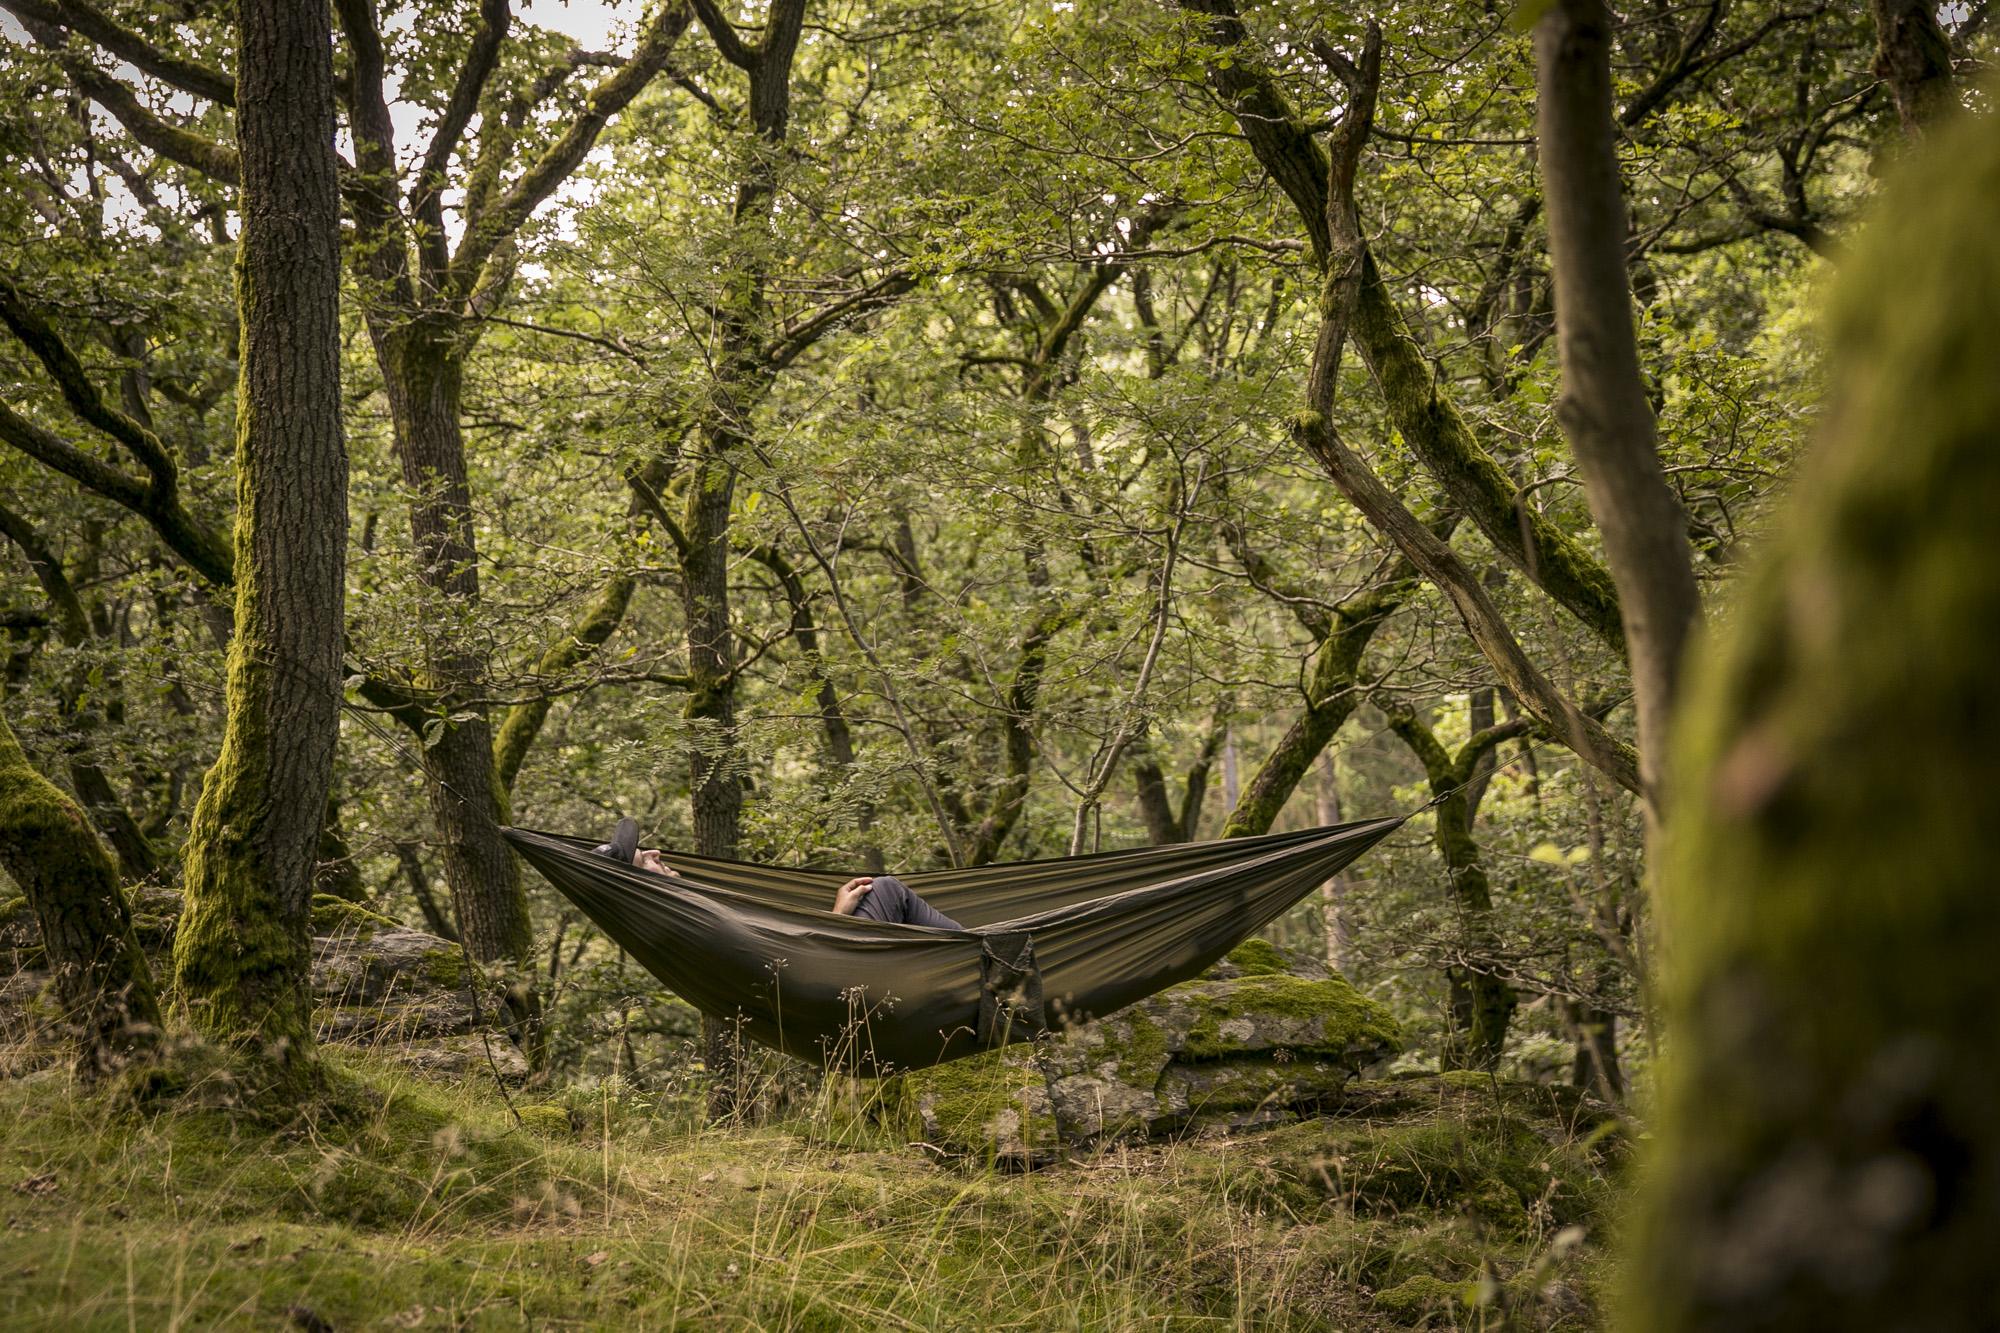 snugpak-jungle-hammock-13